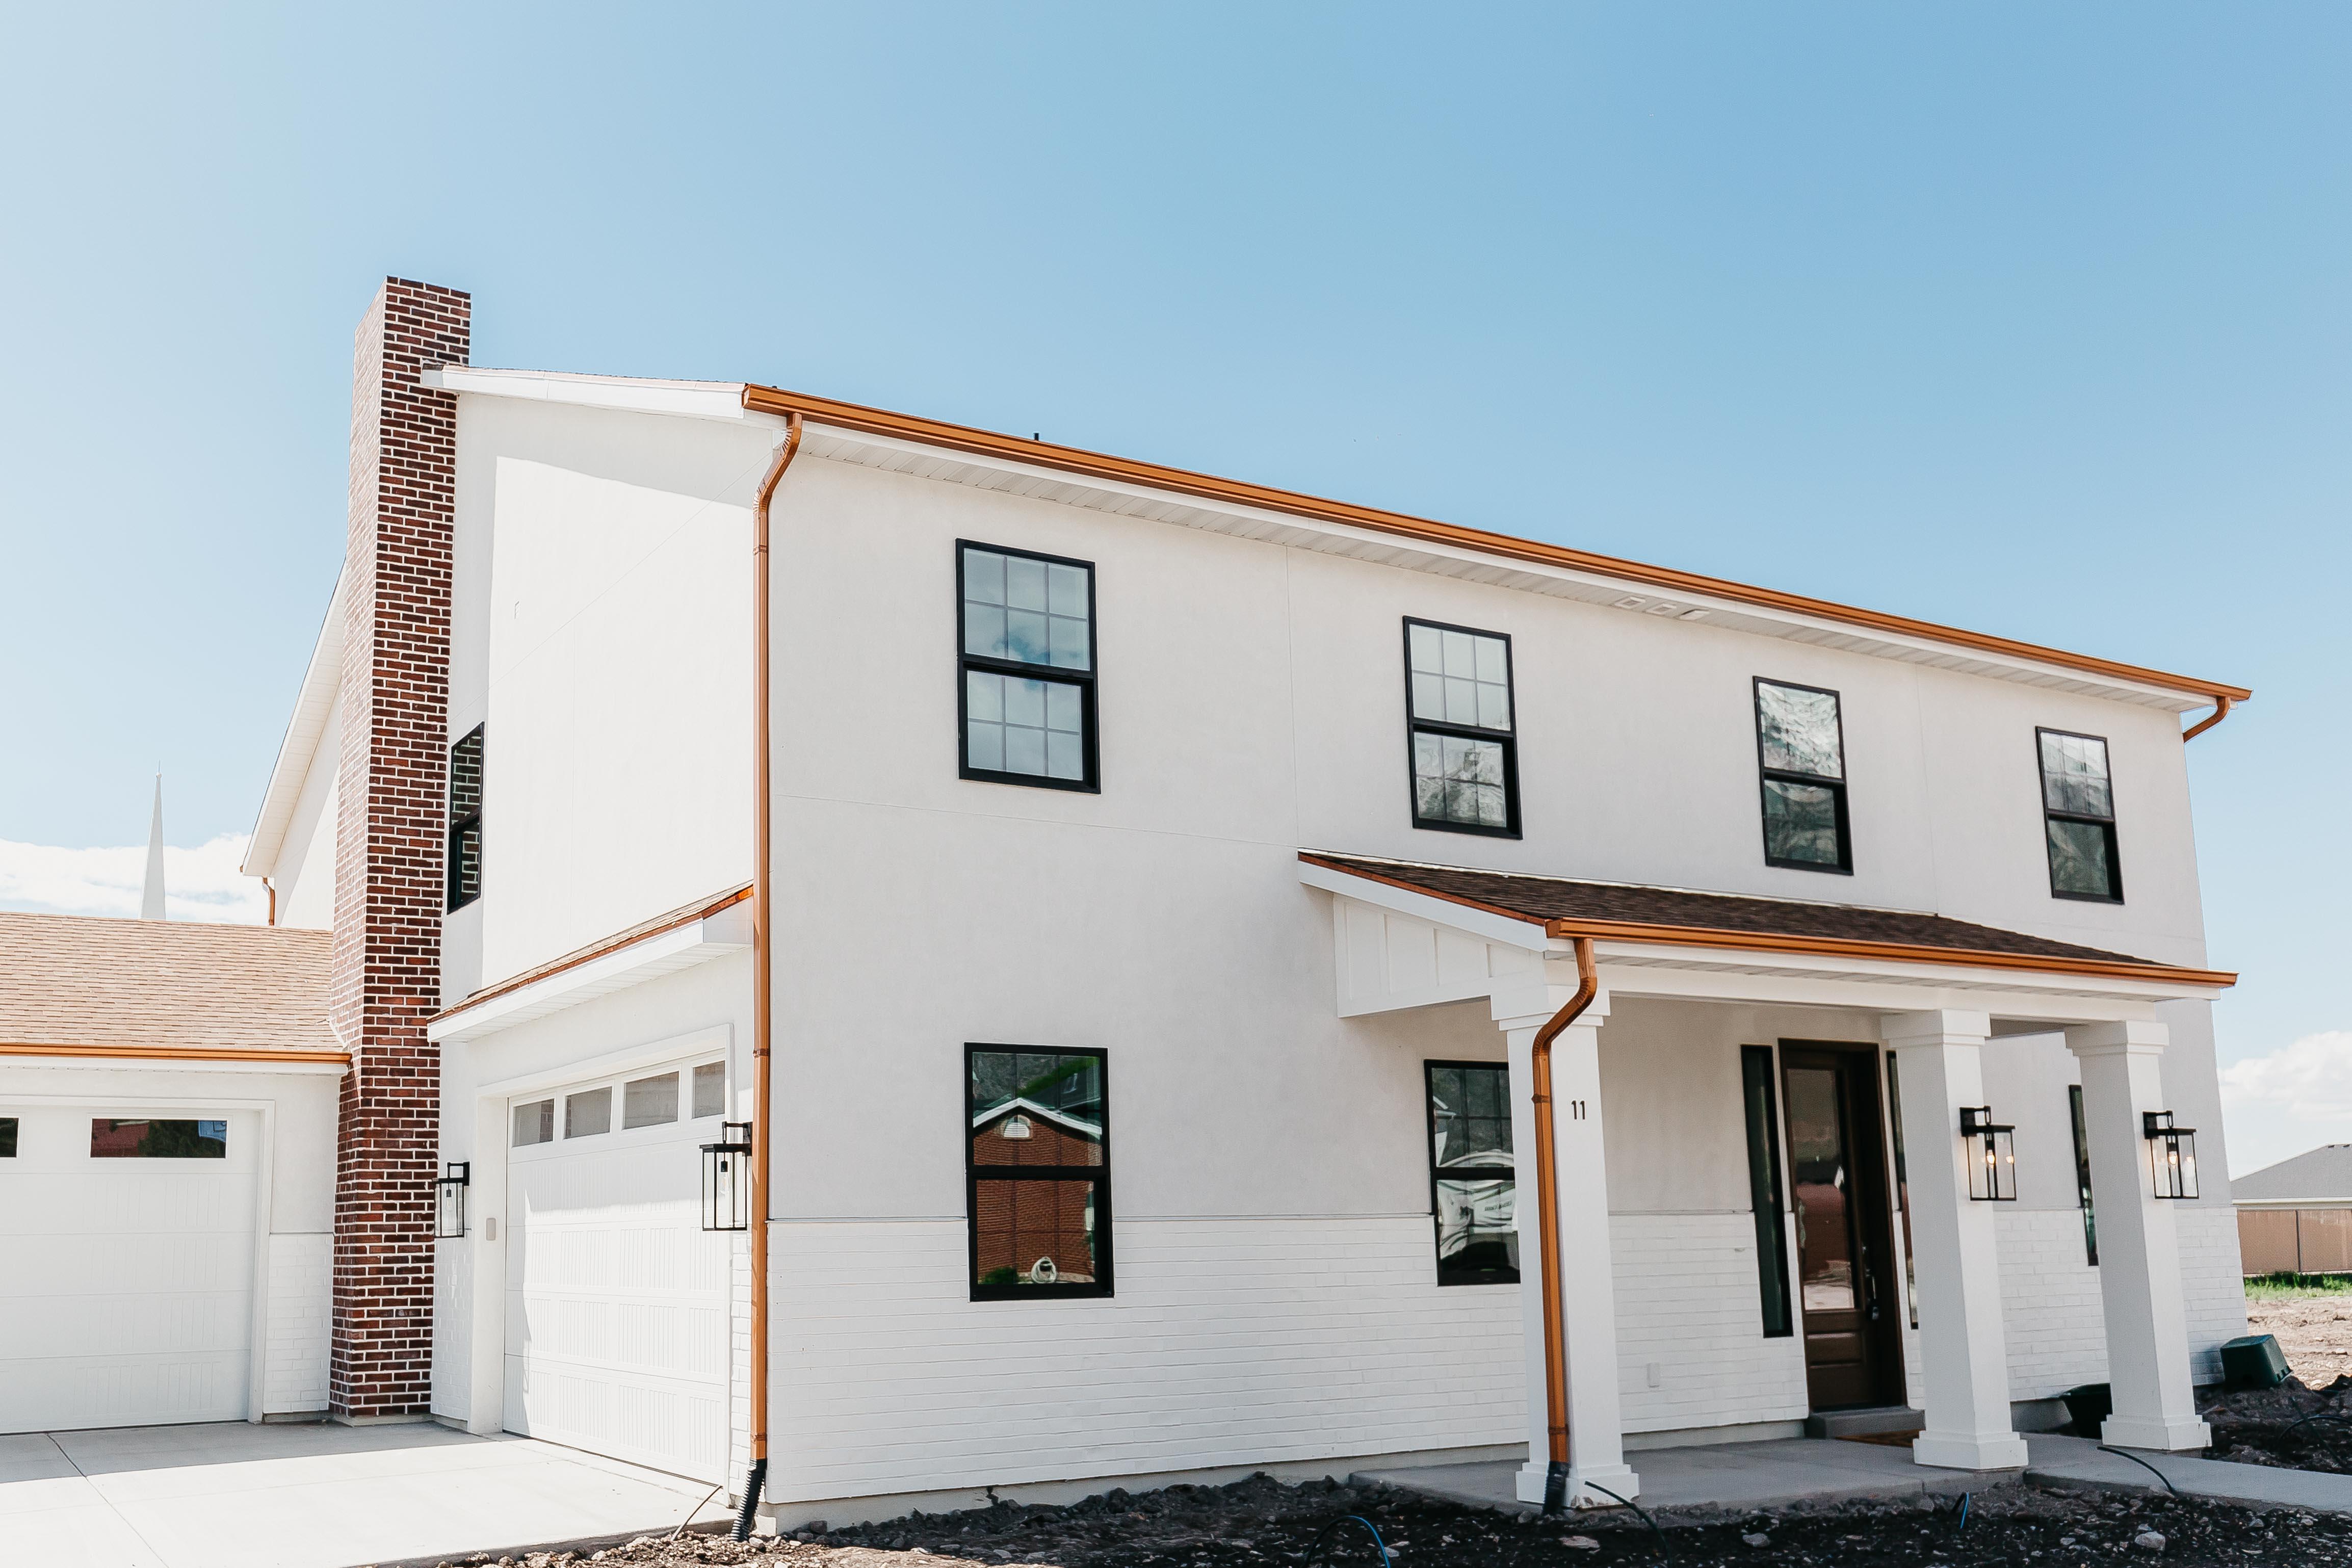 The Americana Built by Utah Home Builder Forum Builders